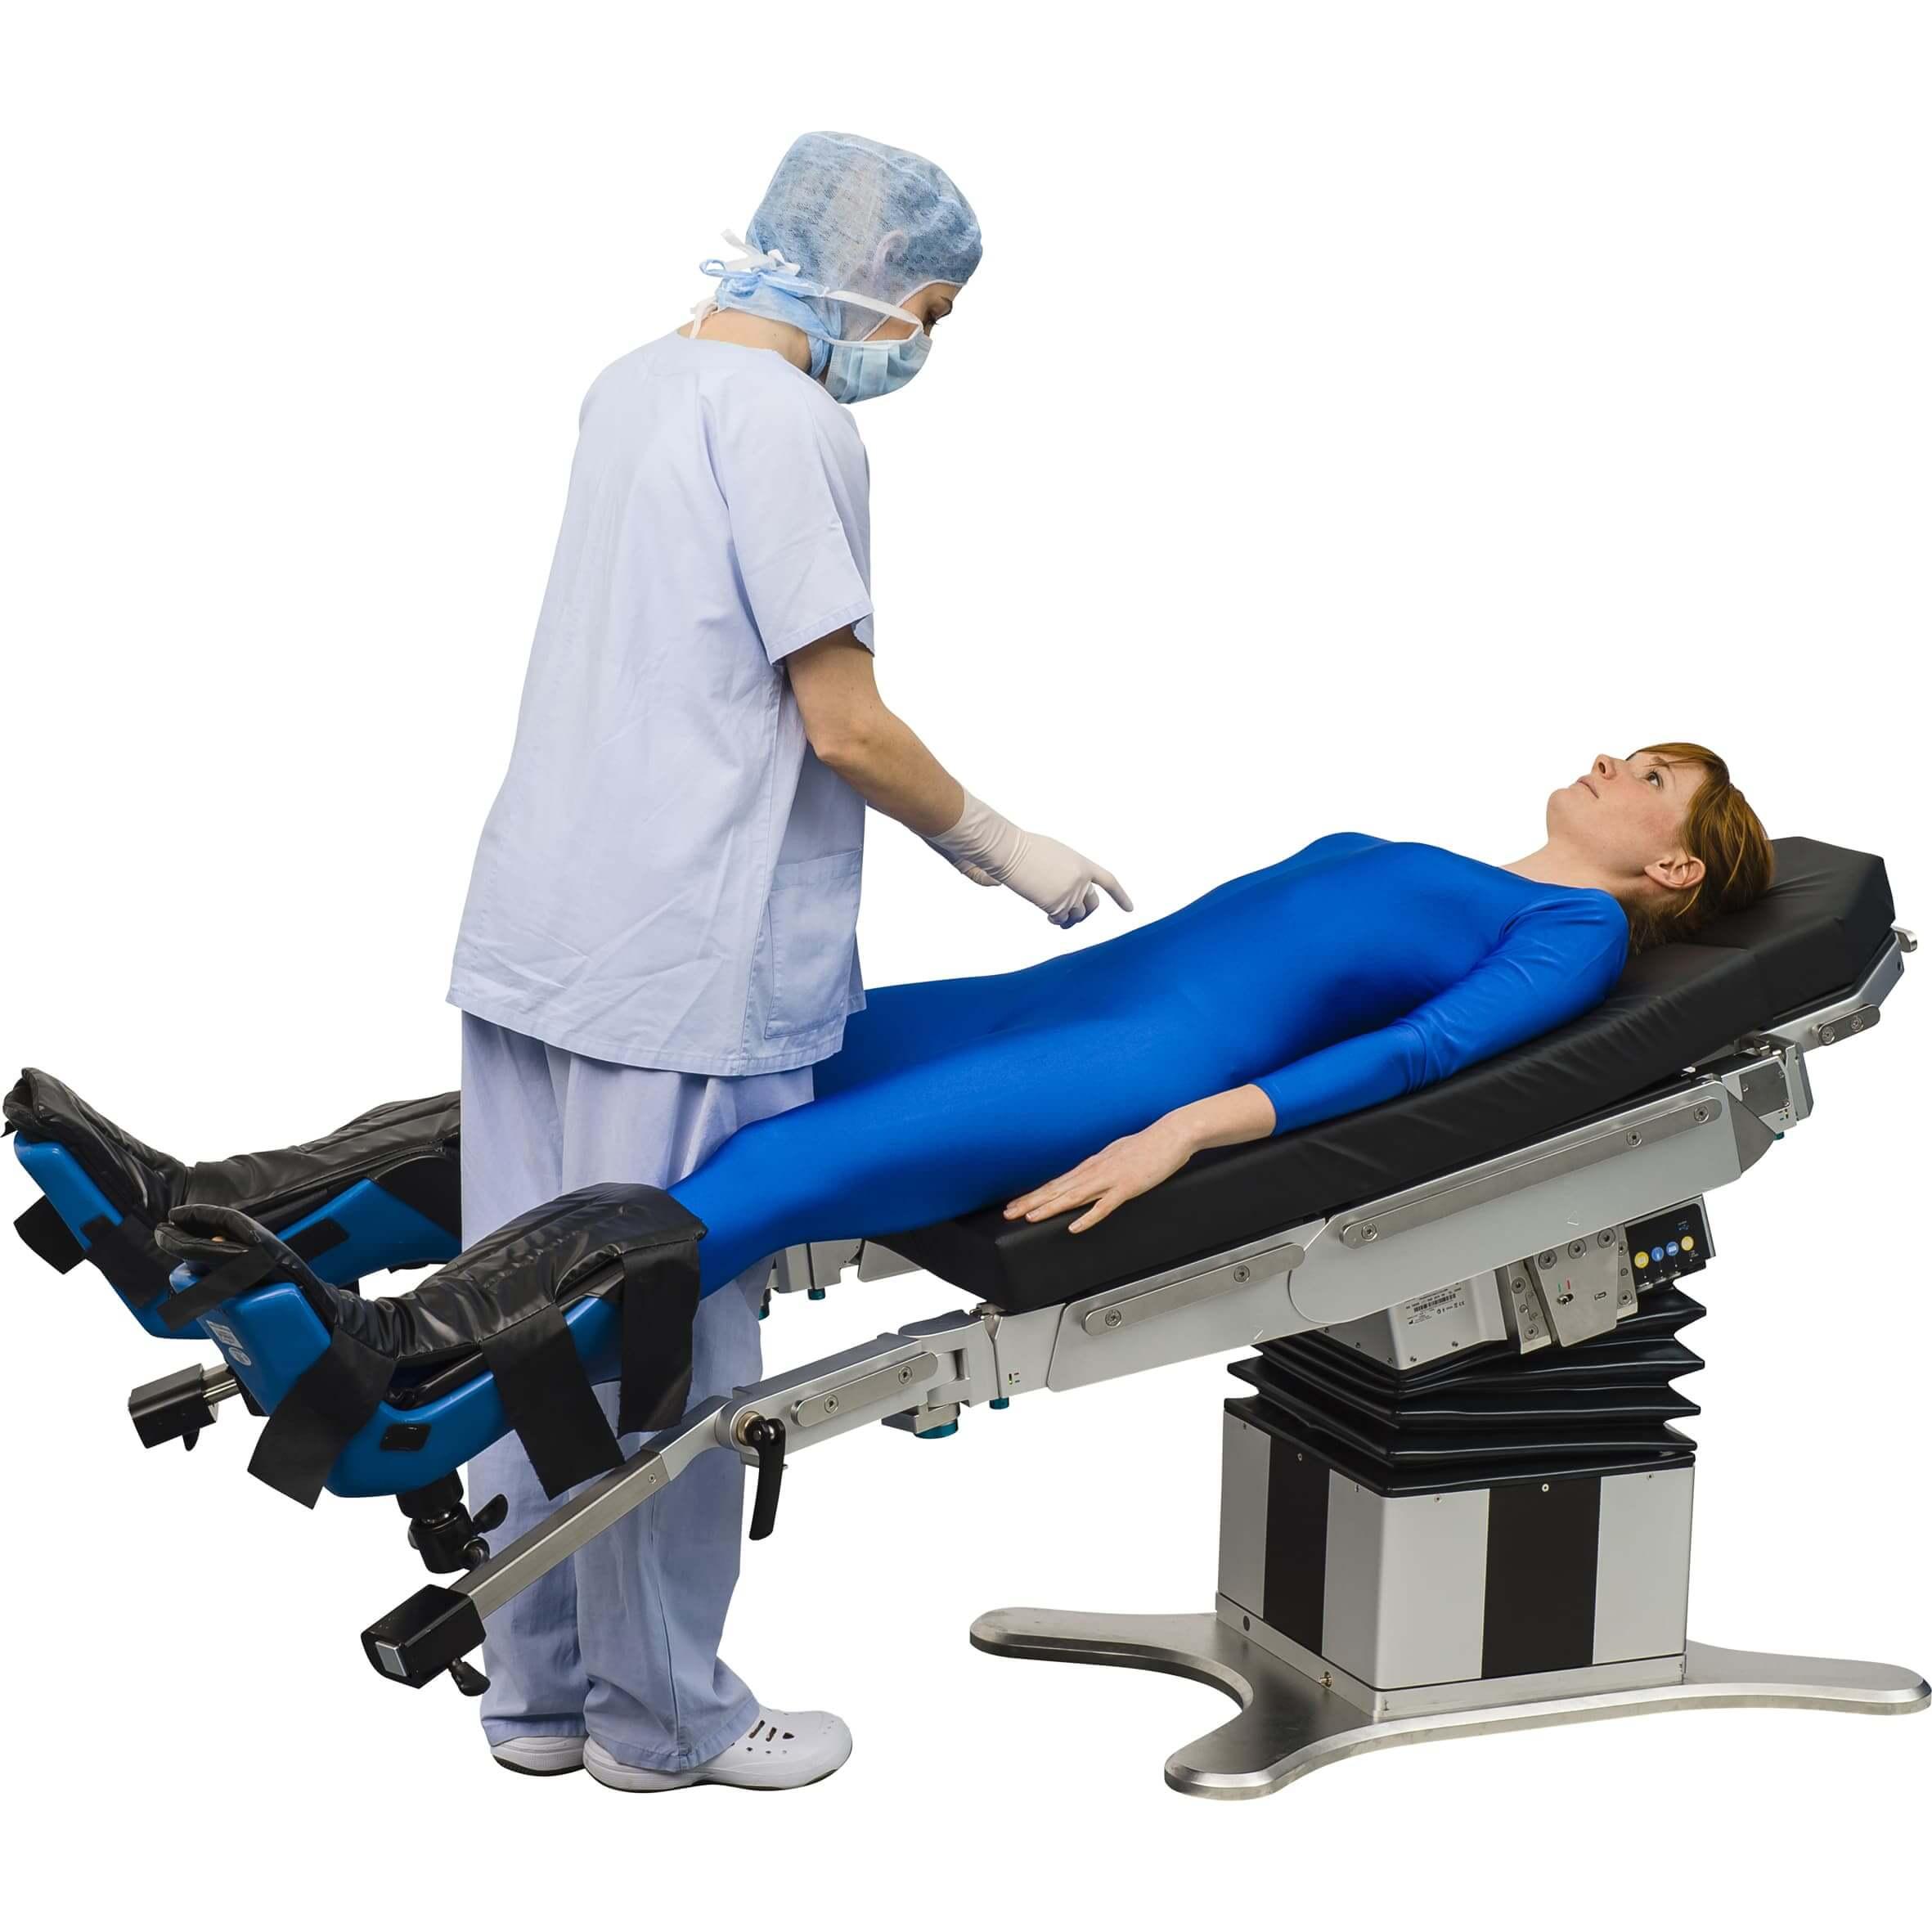 Операционный стол для Абдоминальной хирургии2